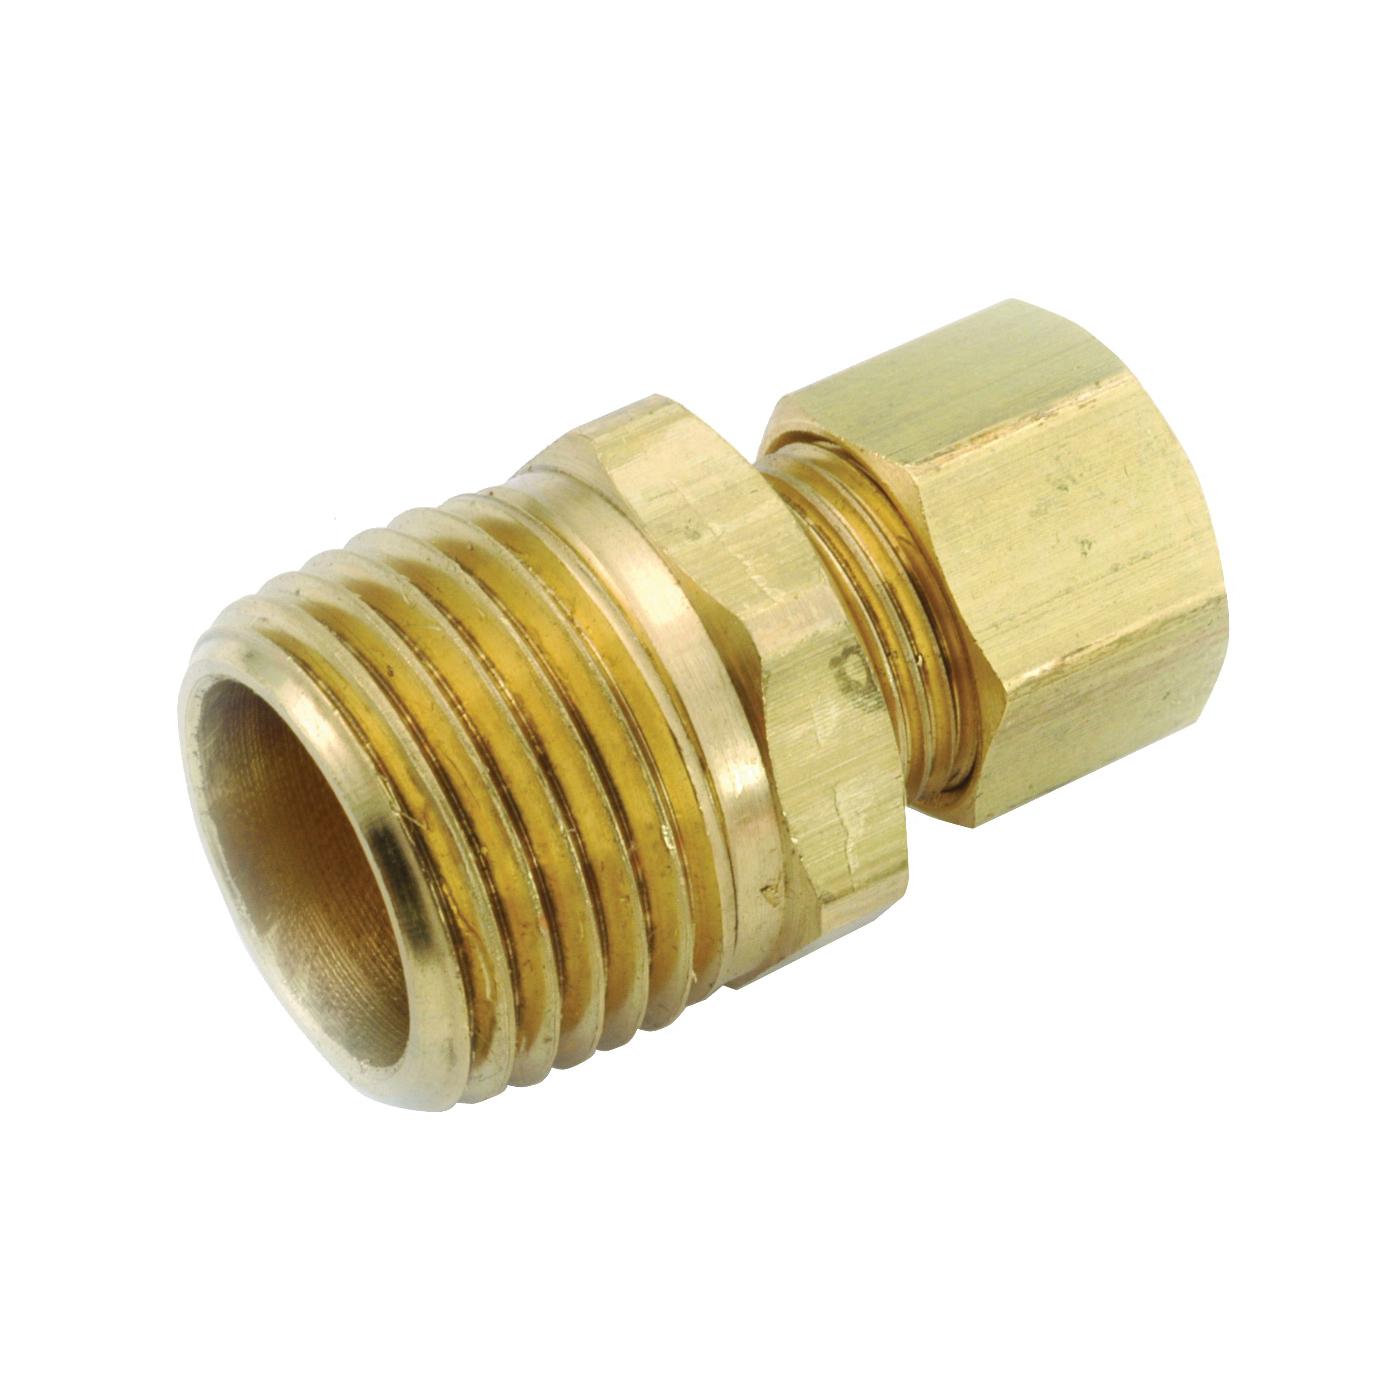 Anderson Metals 750068-1412